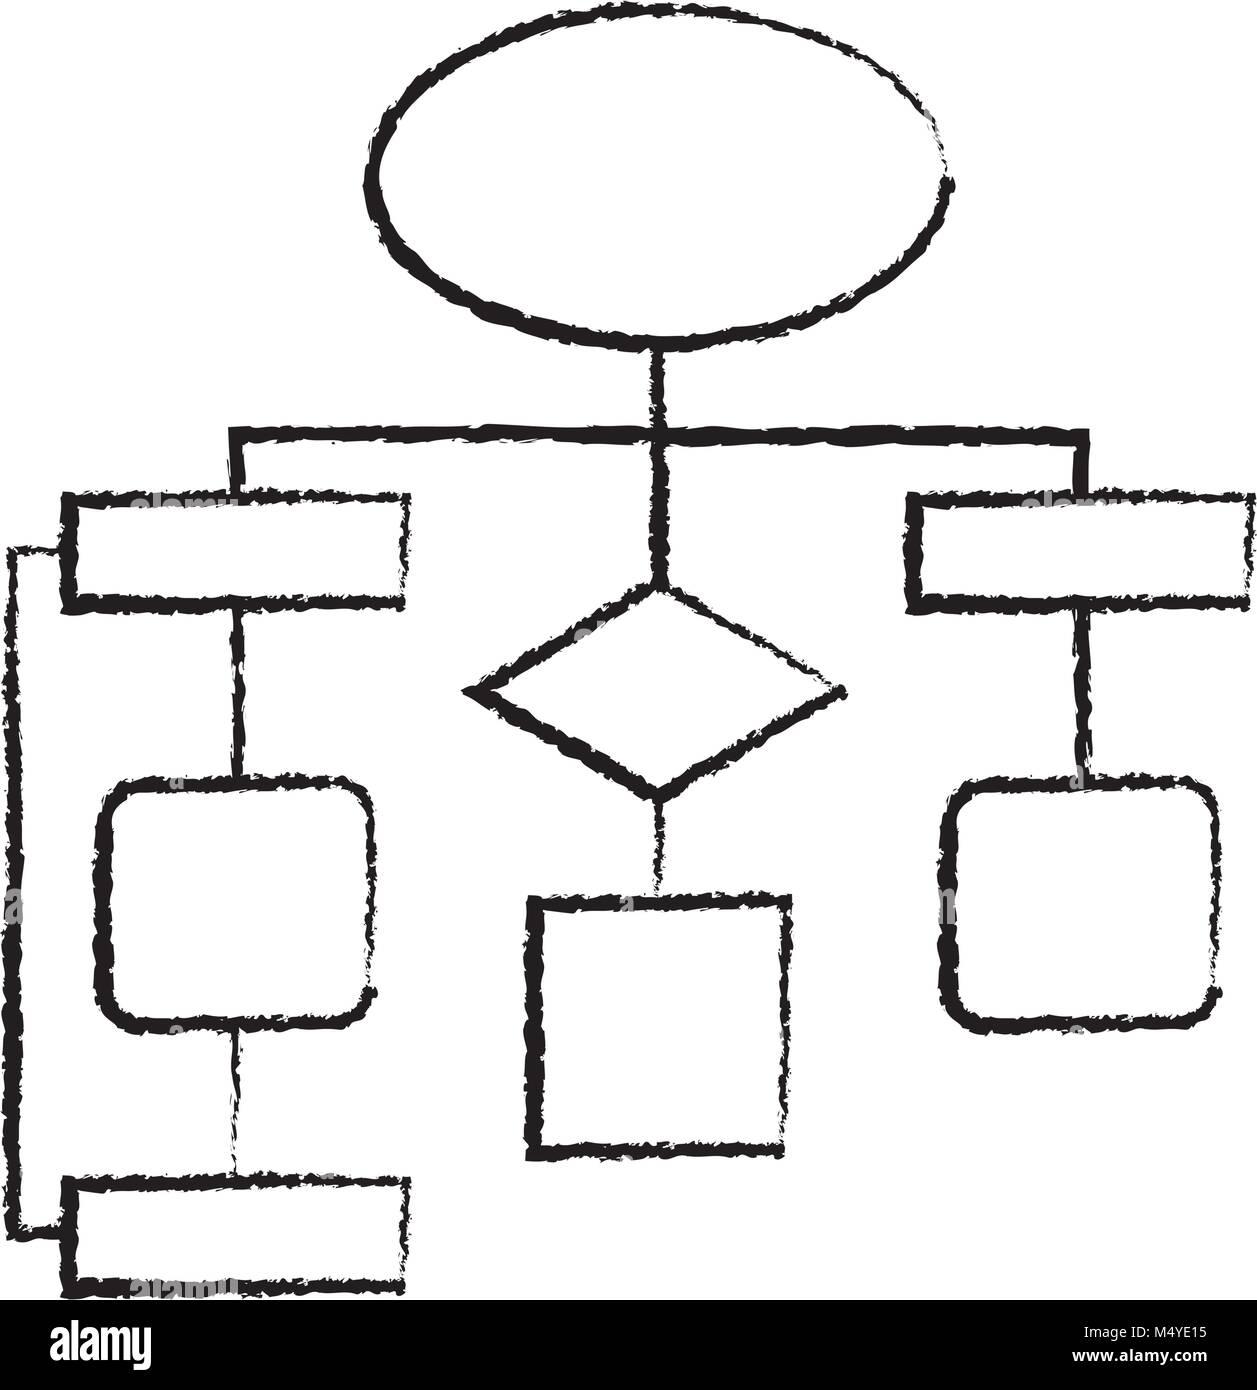 Flowchart diagram imgenes de stock flowchart diagram fotos de diagrama de flujo diagrama de conexin vaco imagen de stock ccuart Images